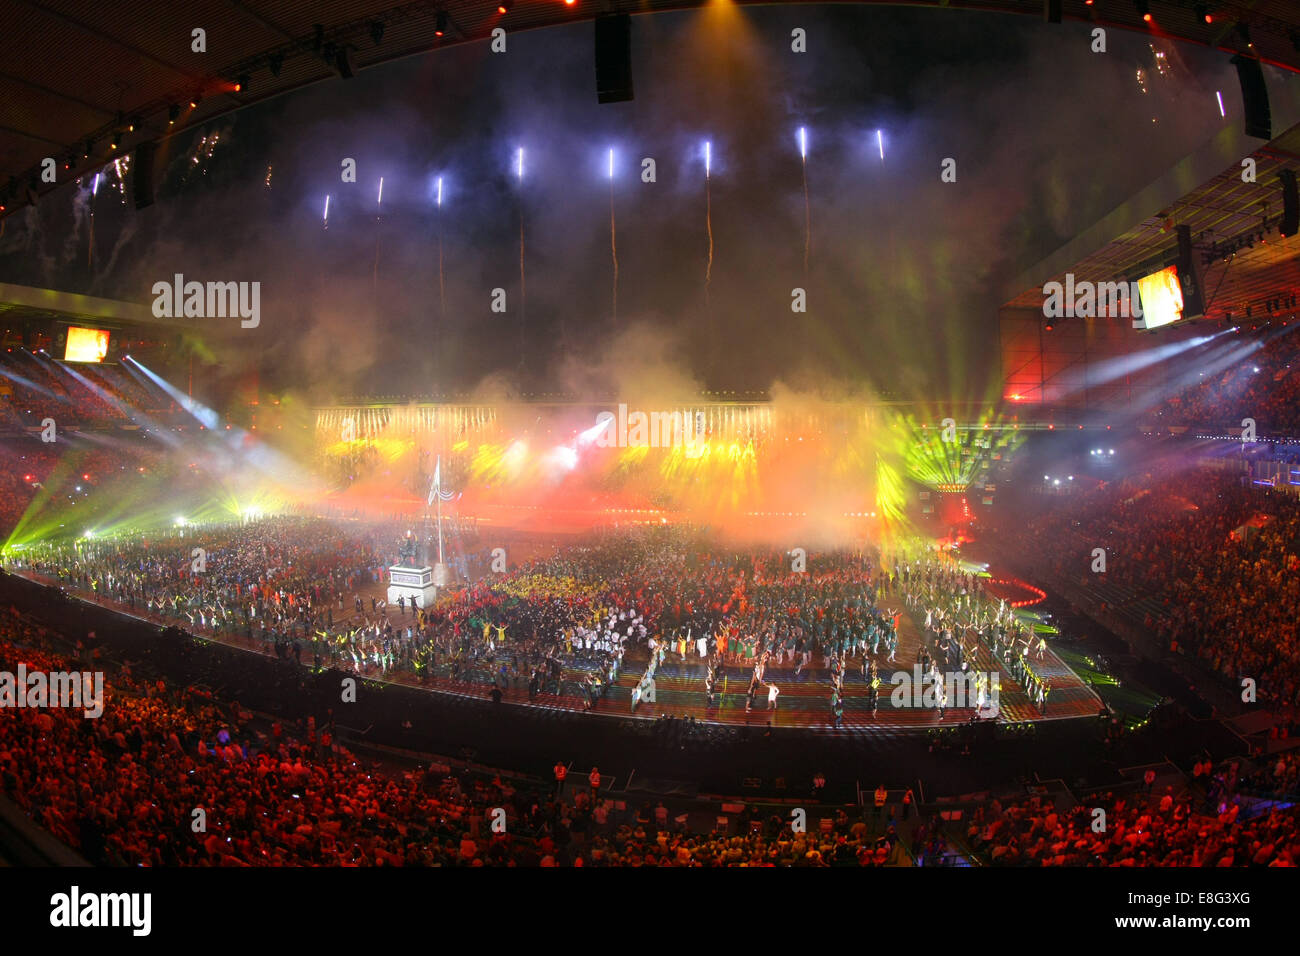 Vista generale (GV) dello stadio come fuochi d'artificio esplodere. Cerimonia di apertura - Celtic Park - Glasgow Immagini Stock